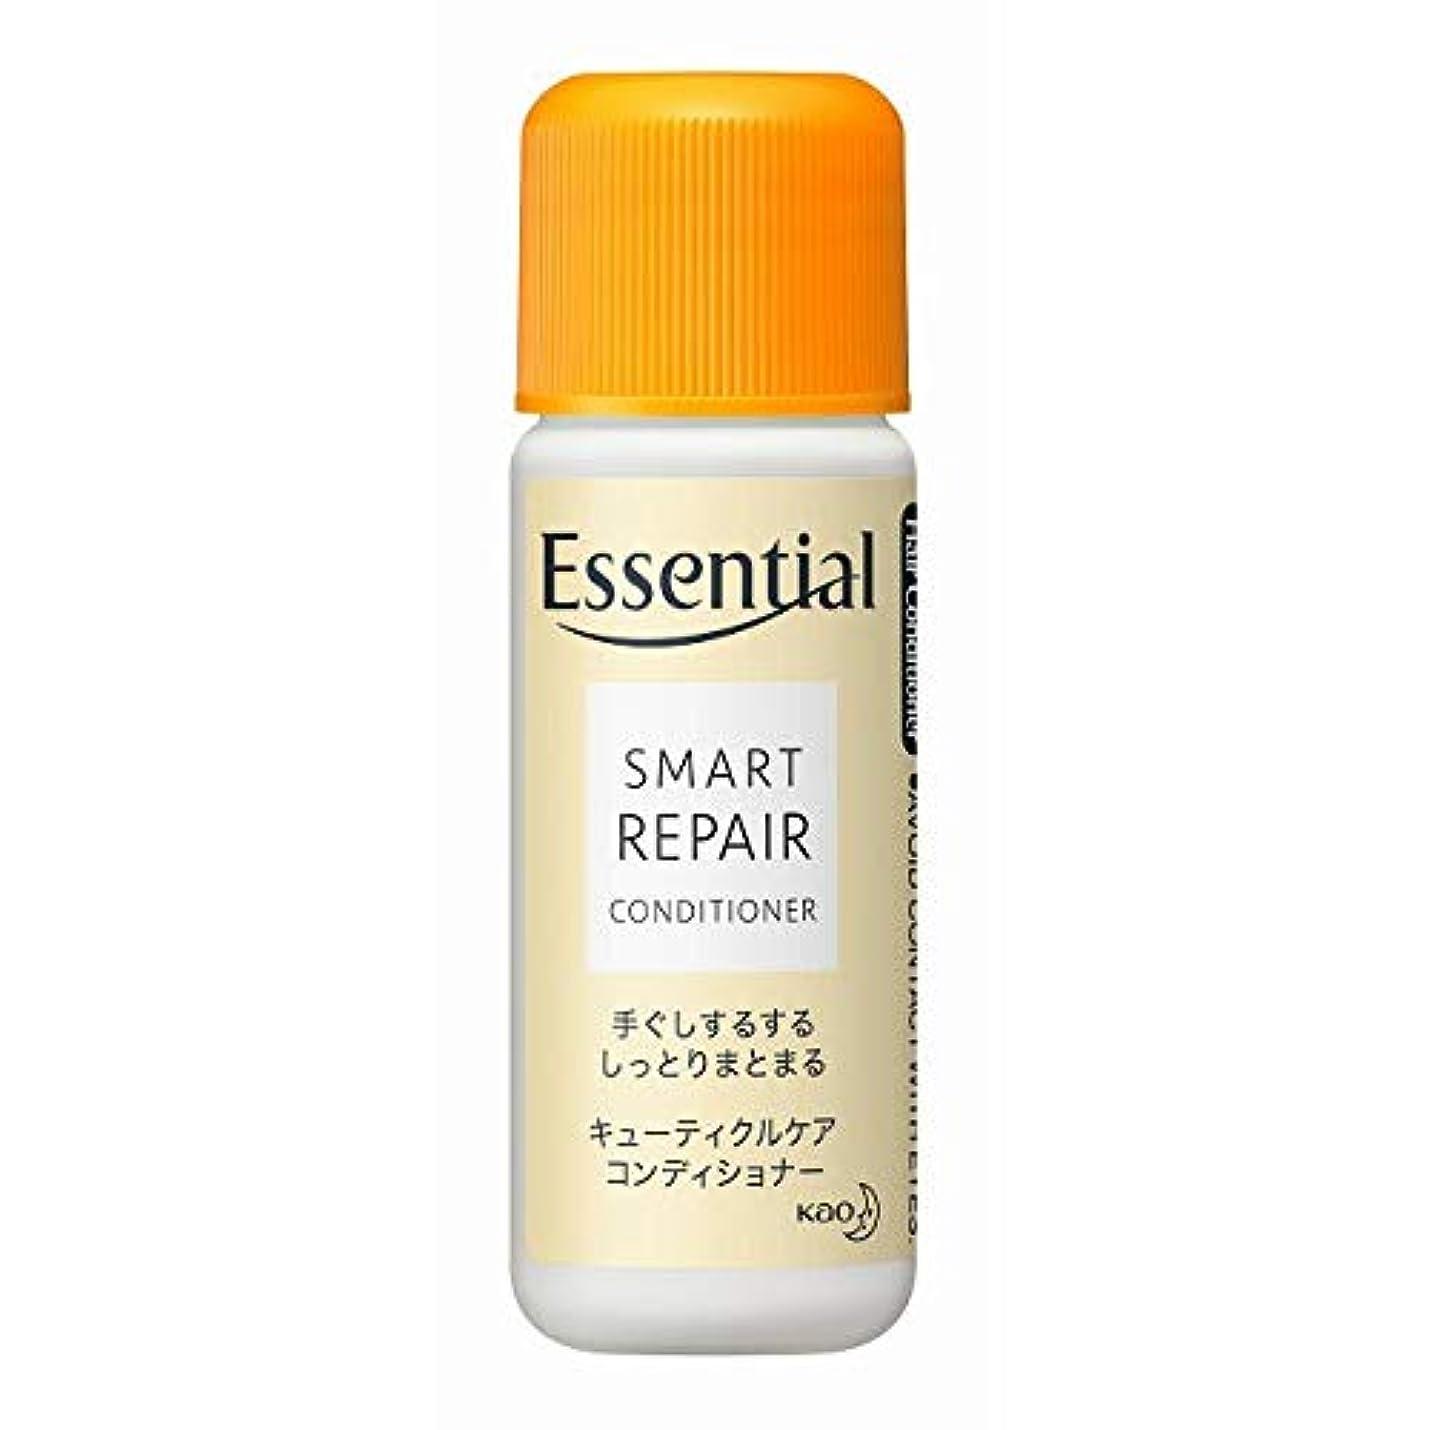 グレー馬鹿げた言語花王 エッセンシャル(Essential) しっとりツヤ髪 コンディショナー 業務用 ミニボトル 16mL